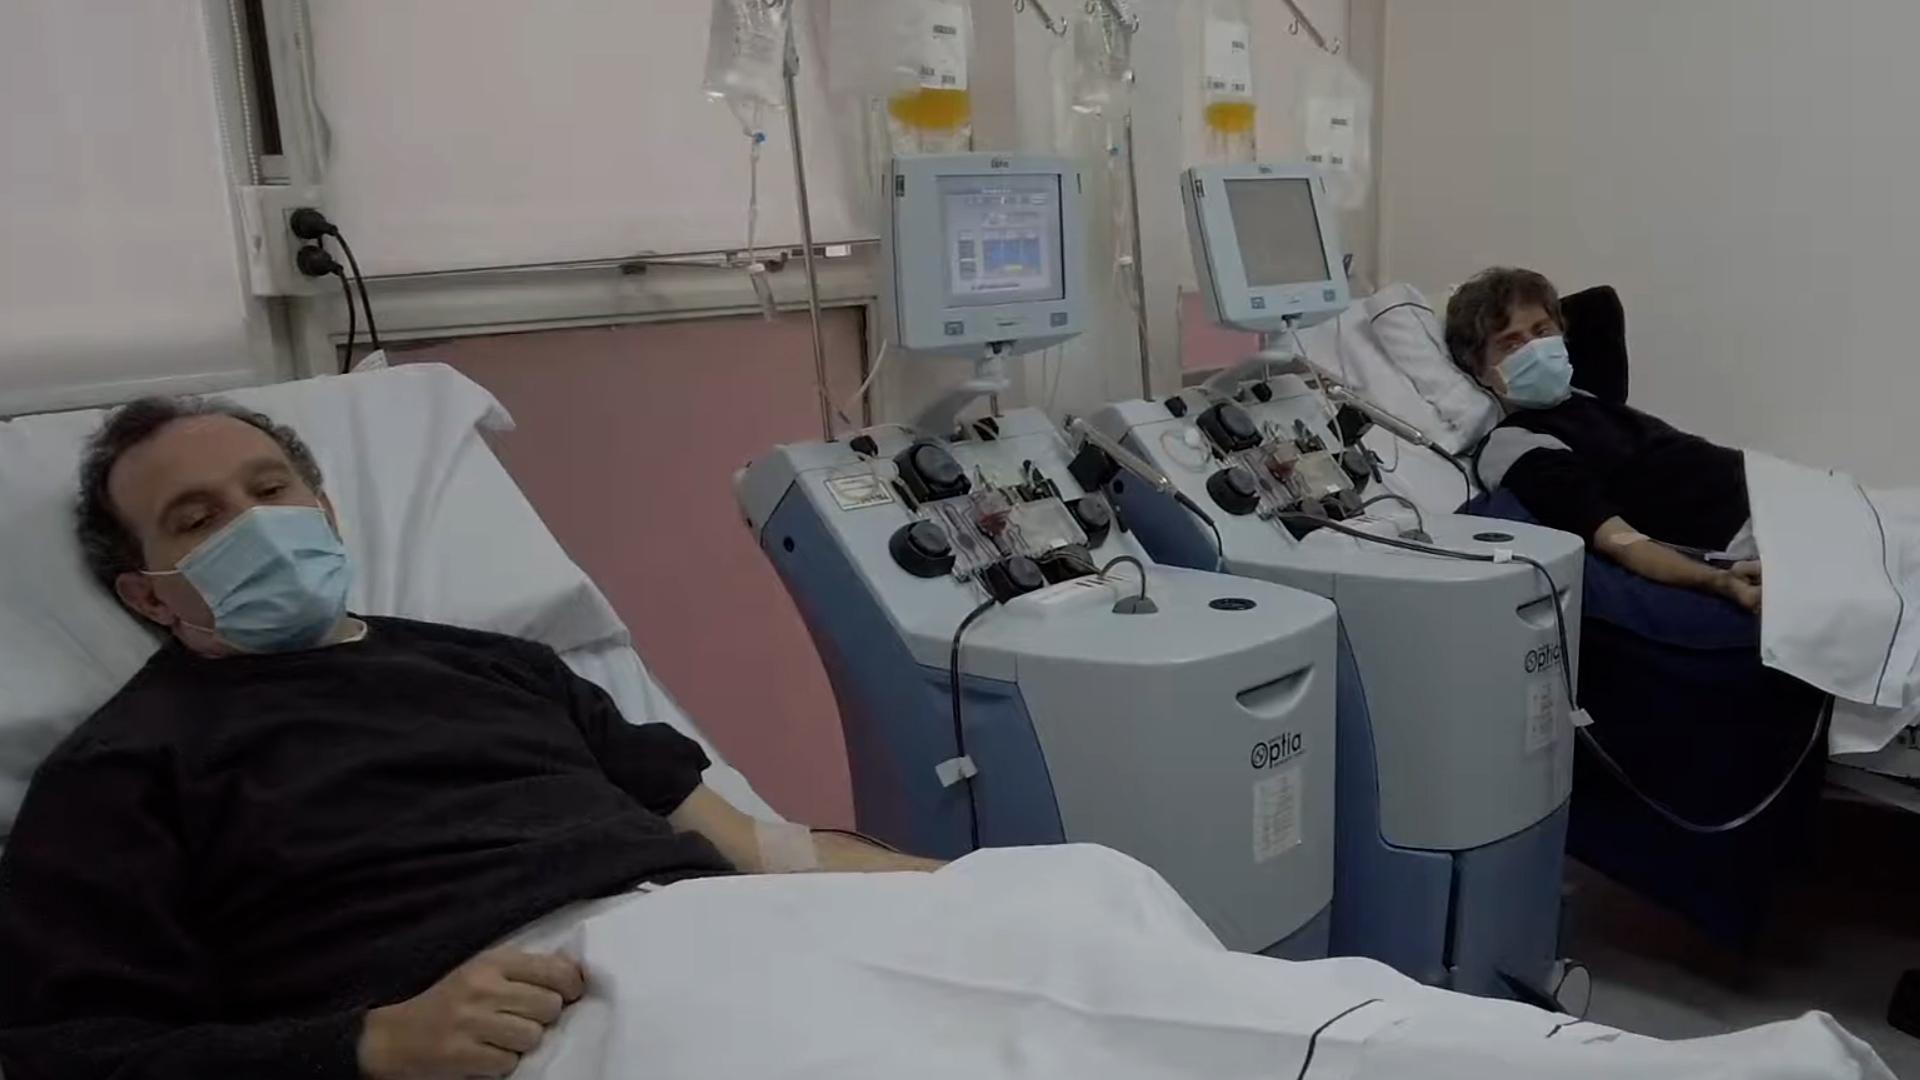 Donación de plasma de convalesciente. Una de las esperanzas contra la enfermedad